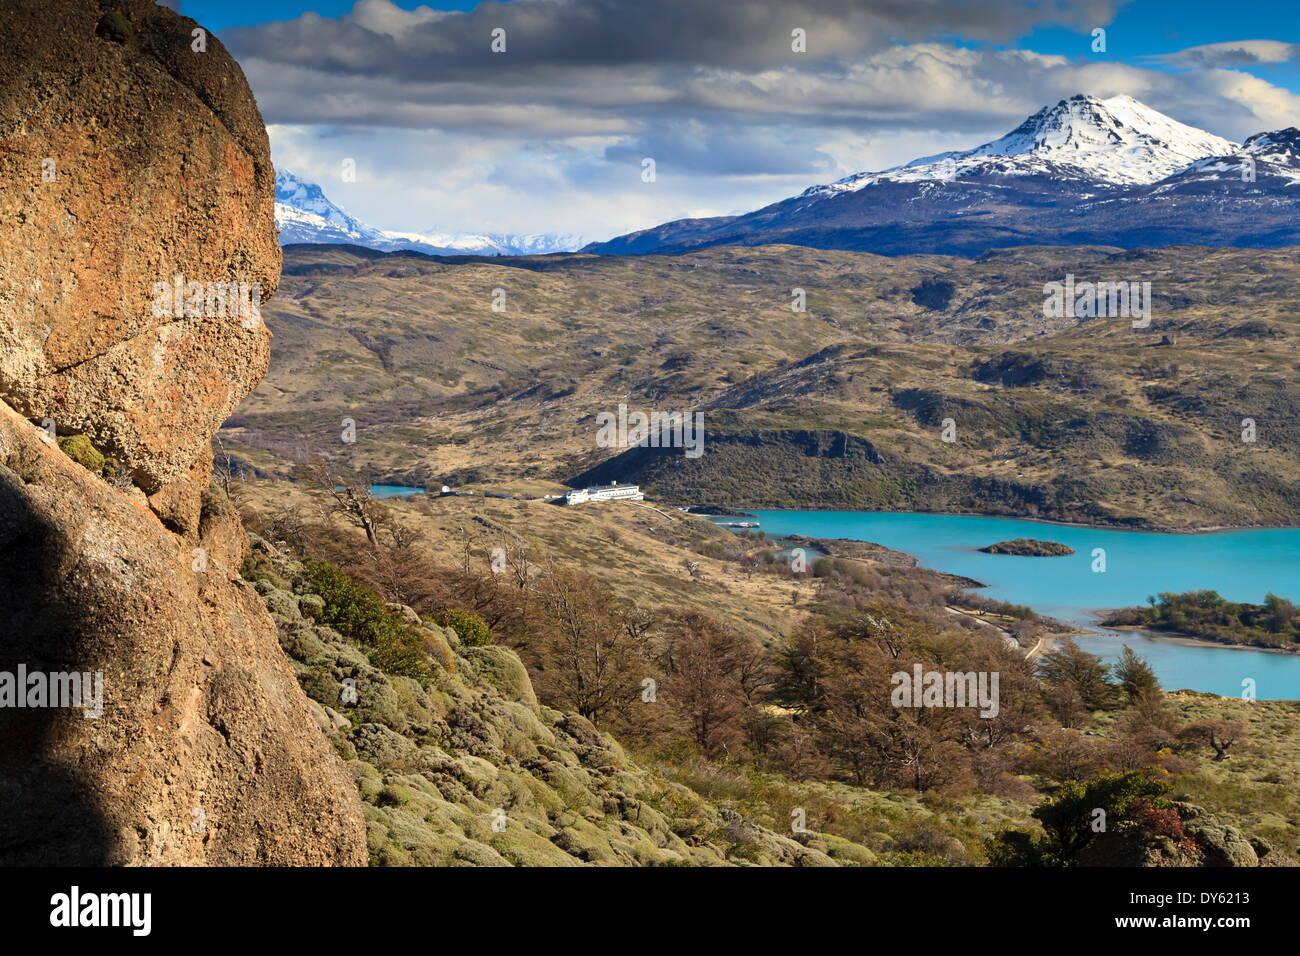 Hotel Explora Salto Chico sul Lago Pehoe, dall approccio alla Condor punto di vista, Parco Nazionale Torres del Paine, Patagonia, Cile Immagini Stock